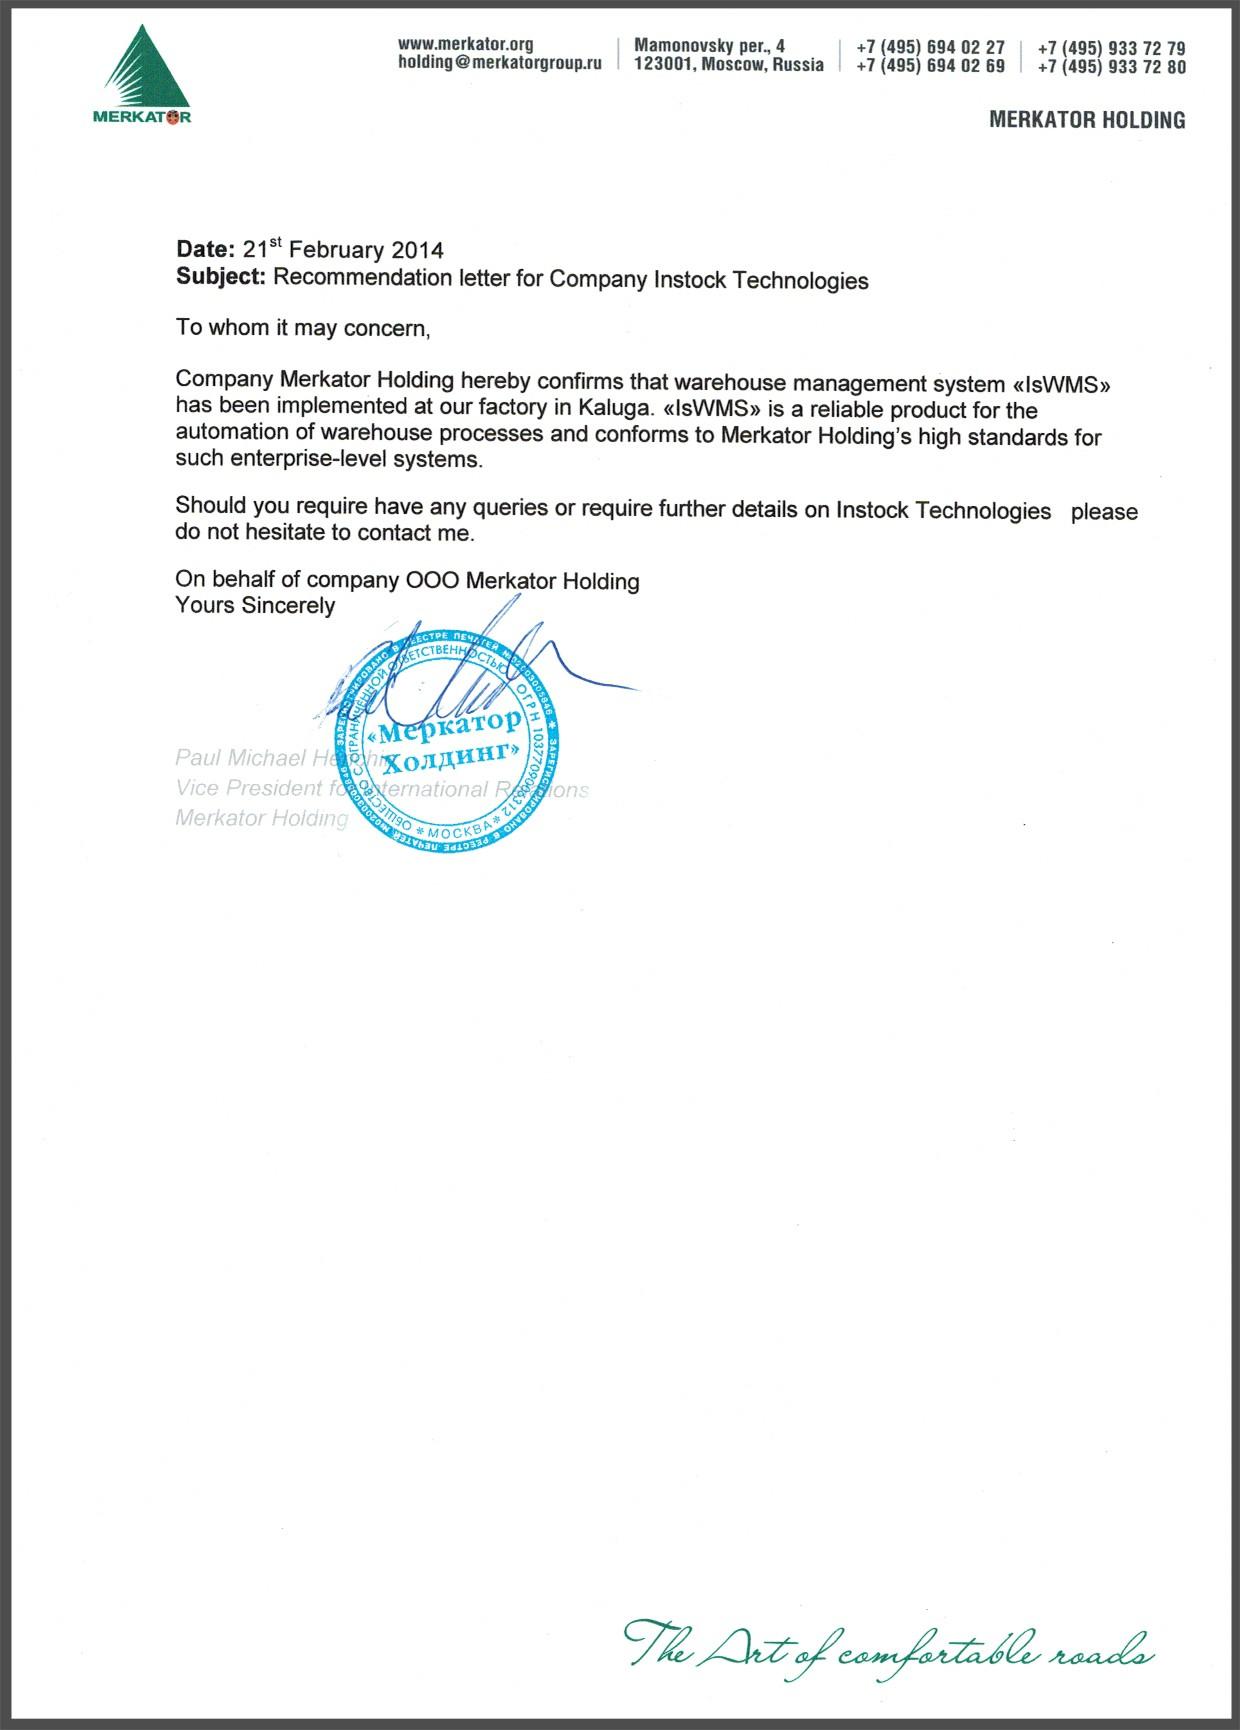 Рекомендательное письмо от компании ООО Меркатор Холдинг